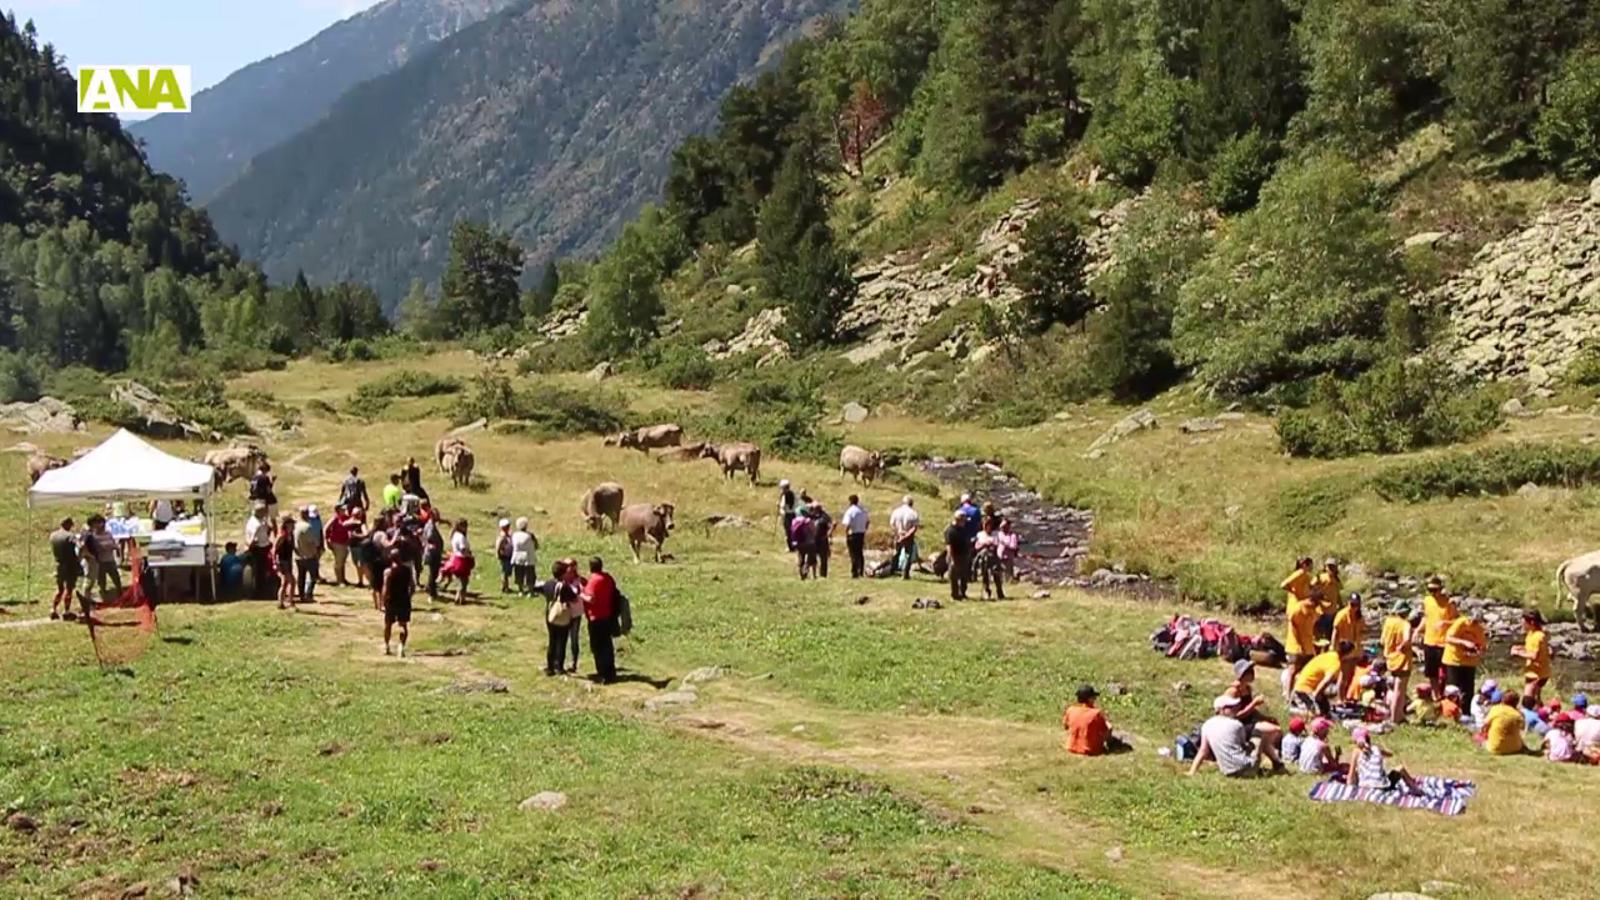 Benedicció del bestiar a la Rabassa d'Ordino